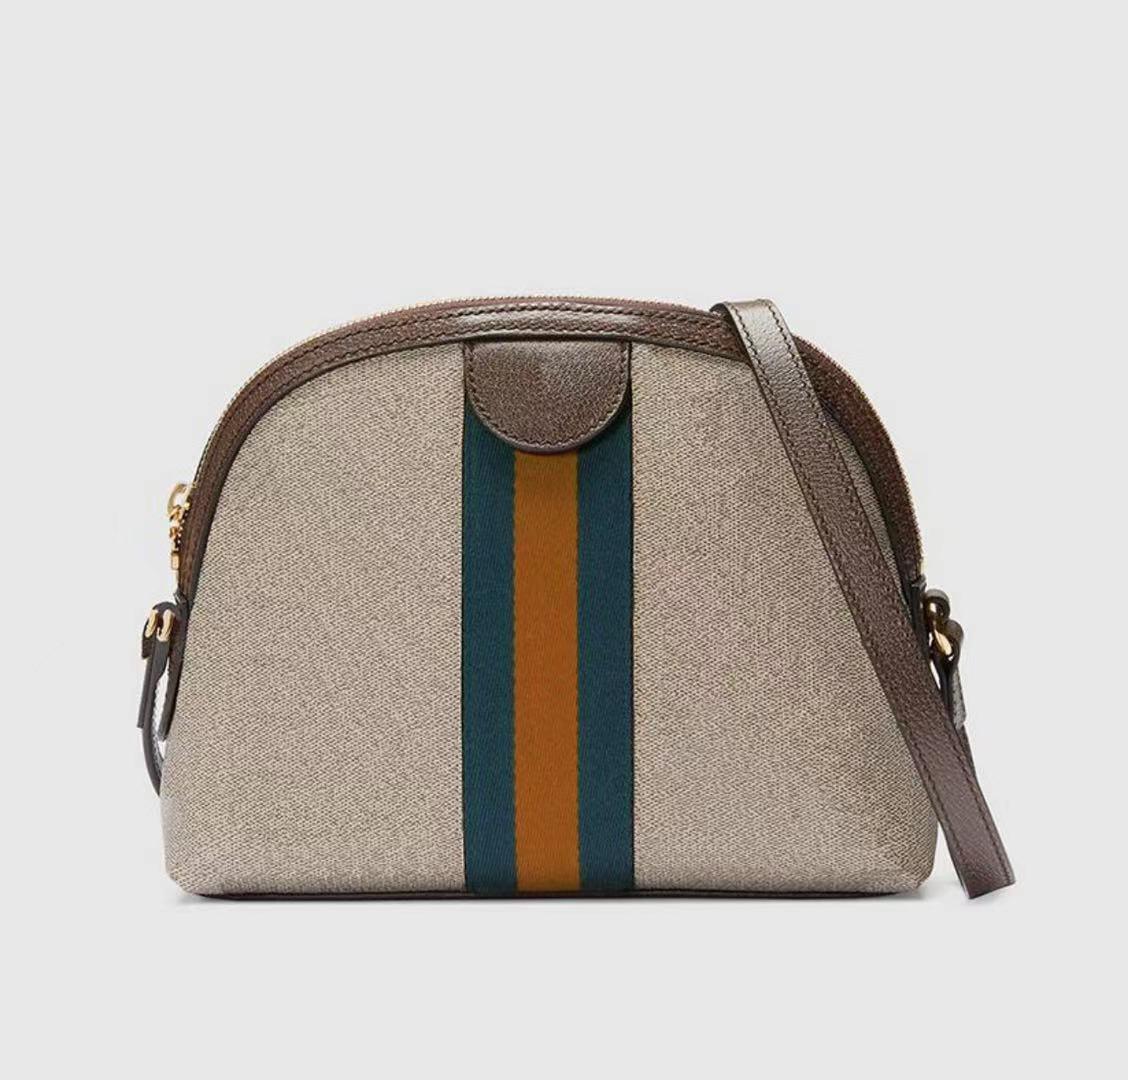 hot! mode marke dame handtasche geldbörsen hochwertige crossbody taschen buchstitching gestreifte umhängetasche shell tasche frei einkaufen